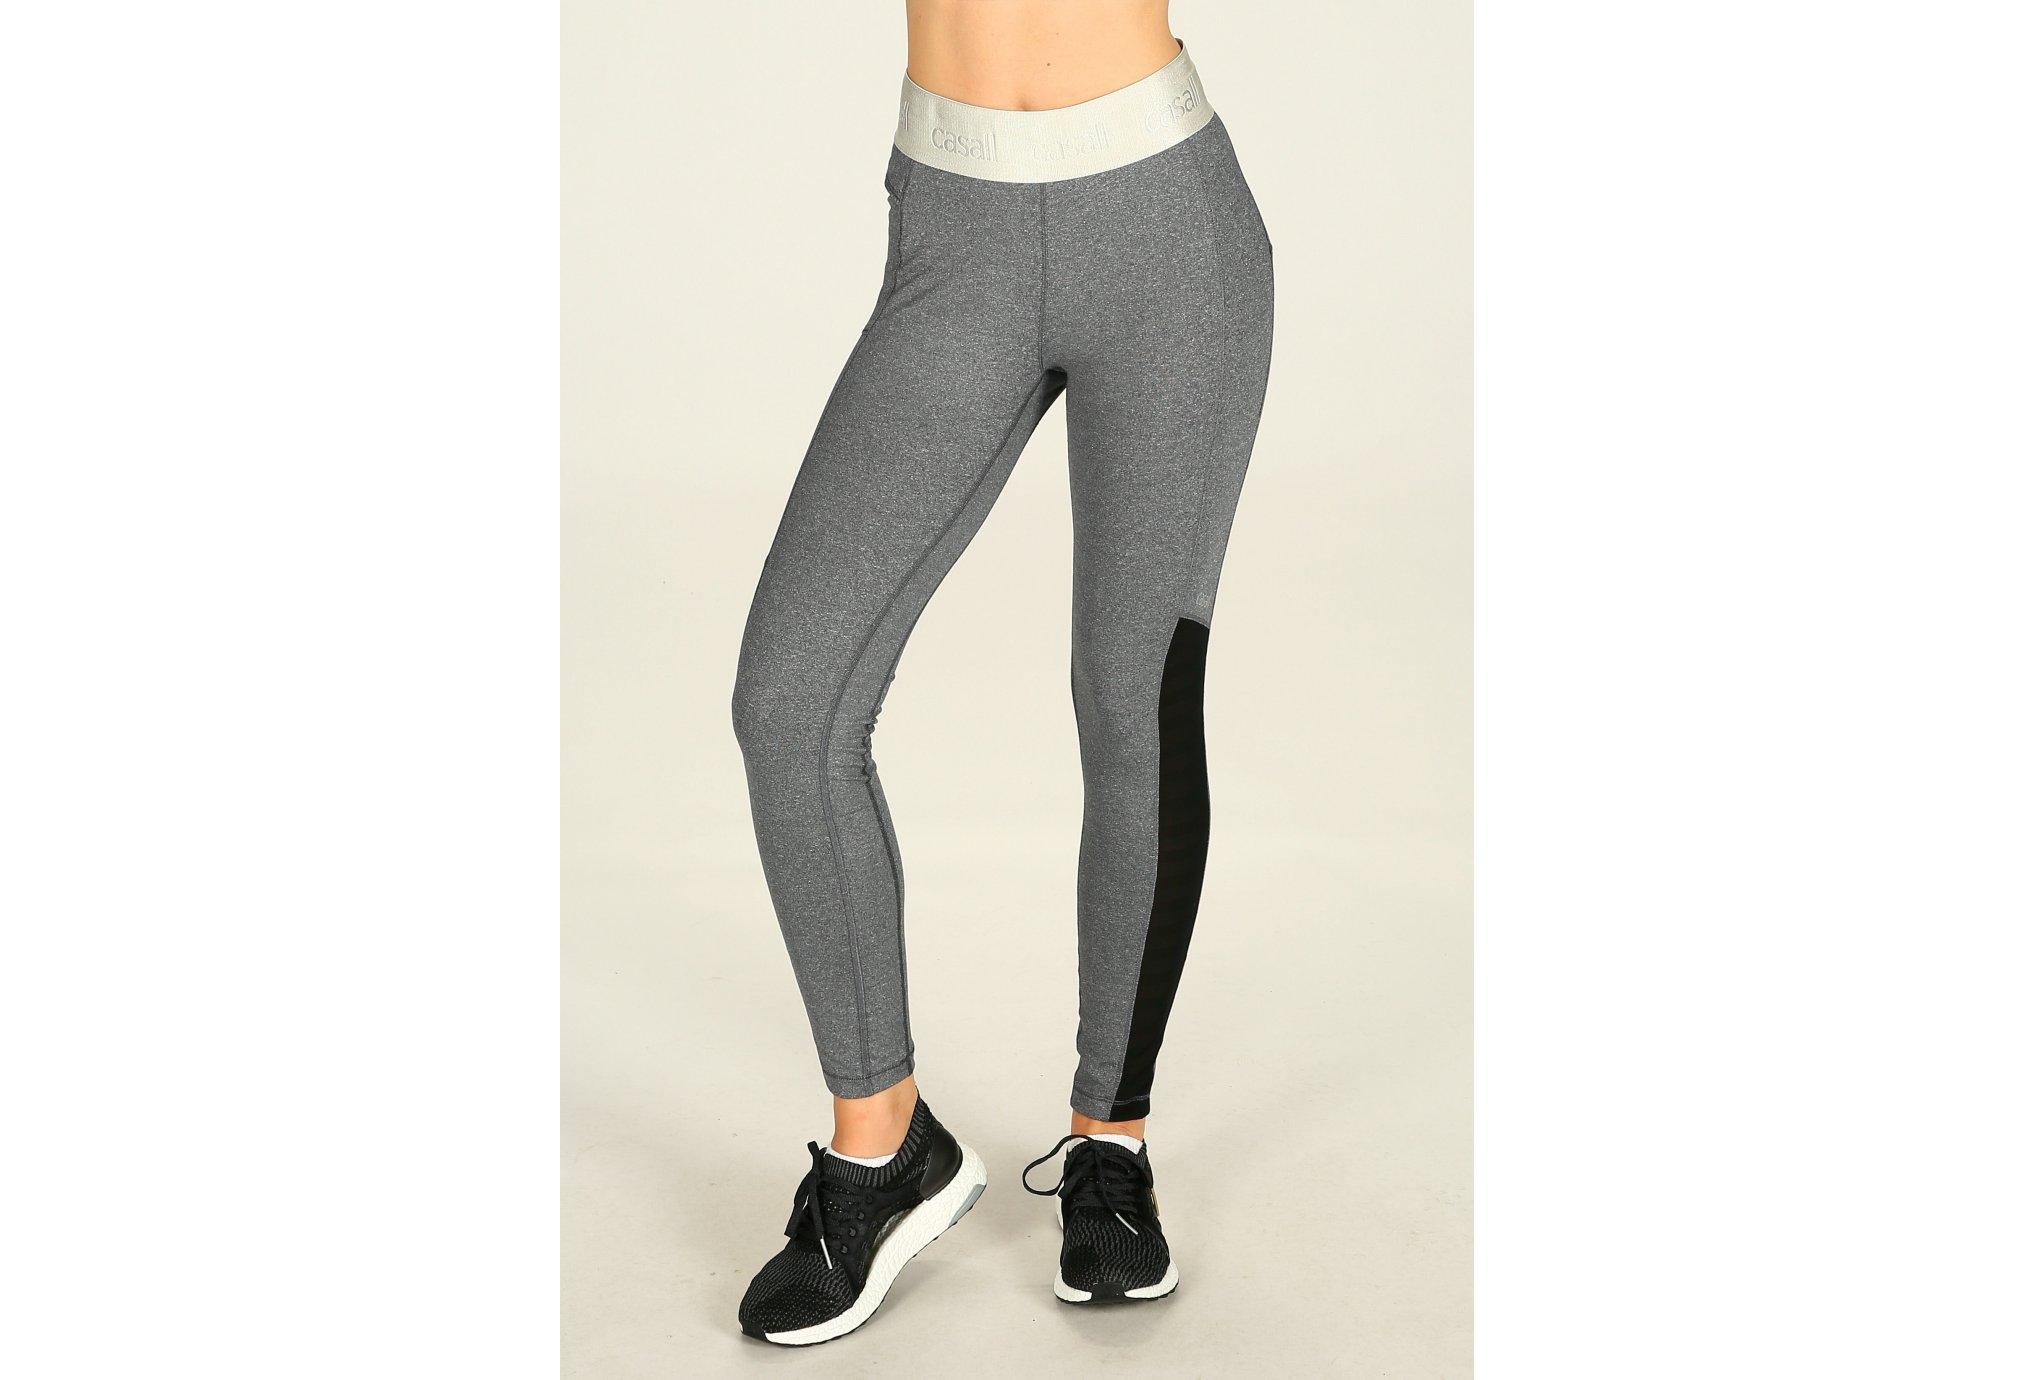 Casall Collant shiny waist 7/8 w vêtement running femme